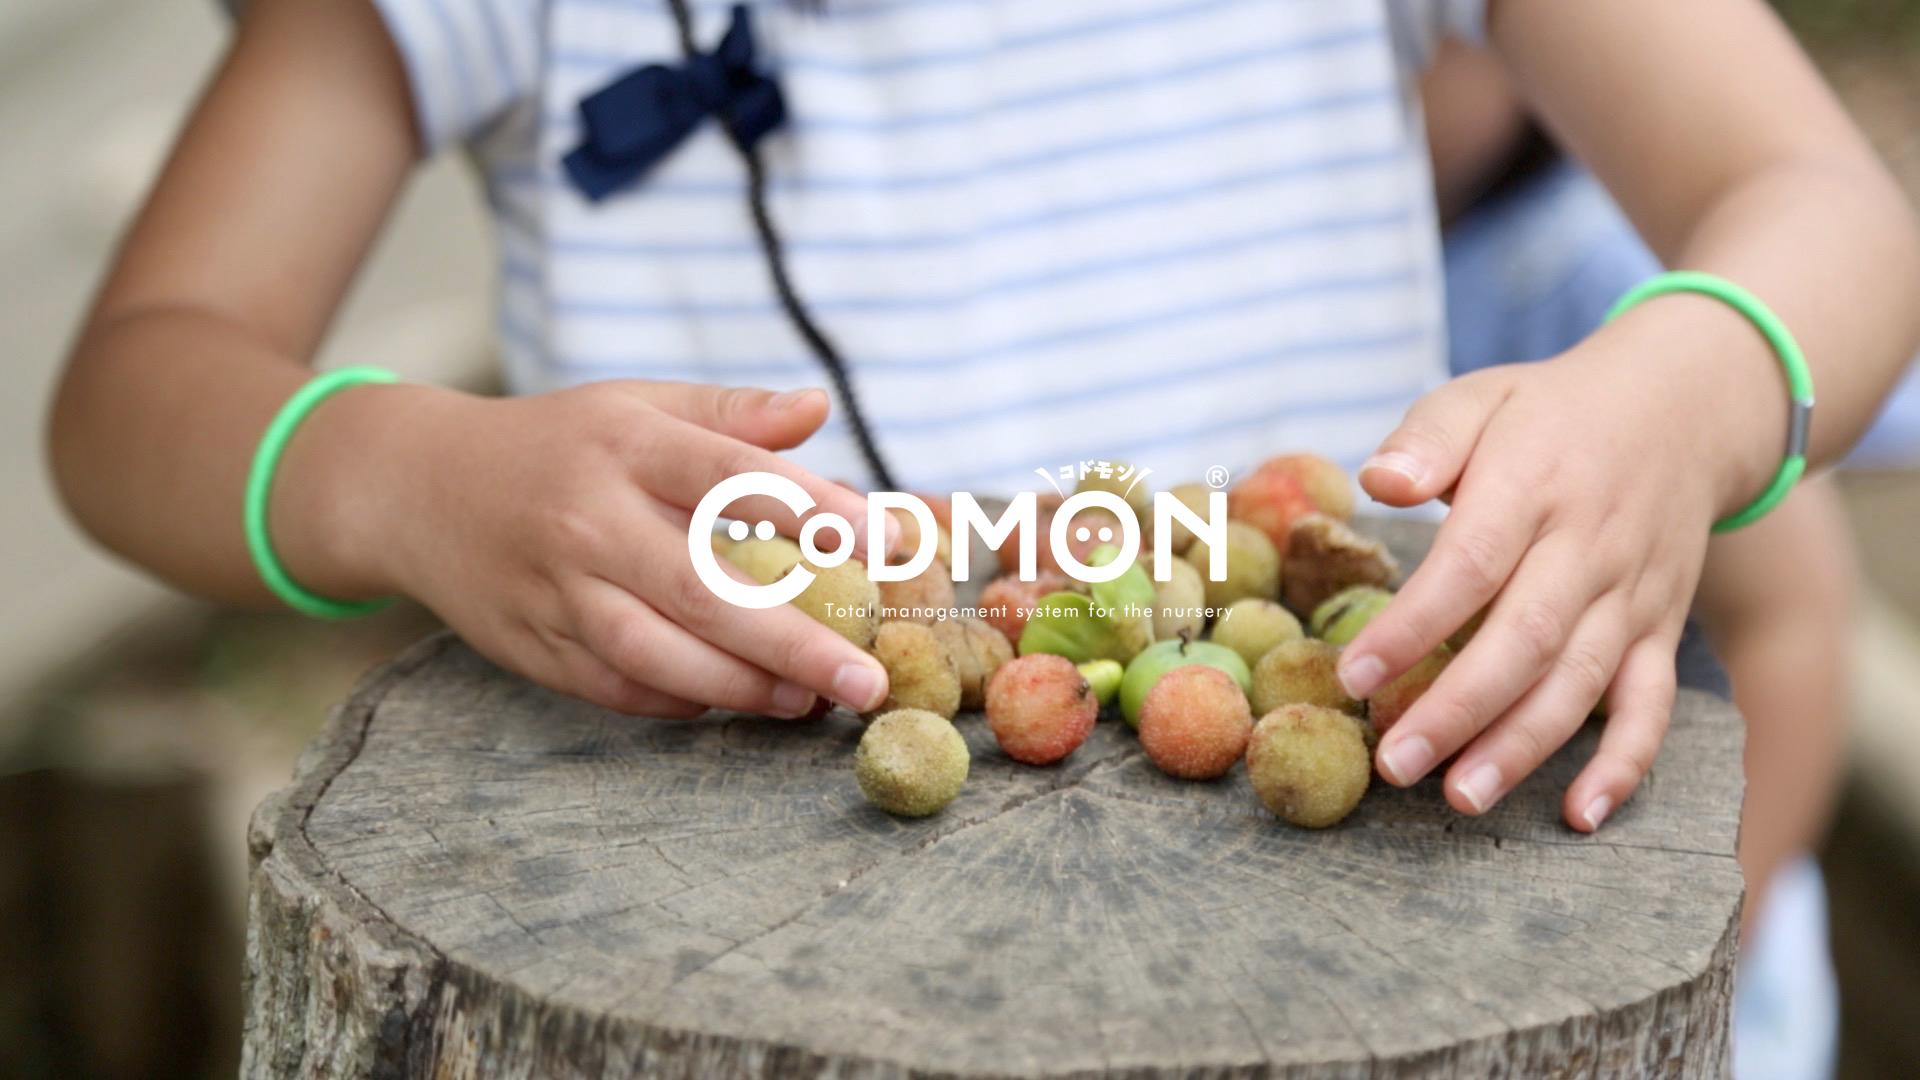 コドモンとベネッセが資本提携へ